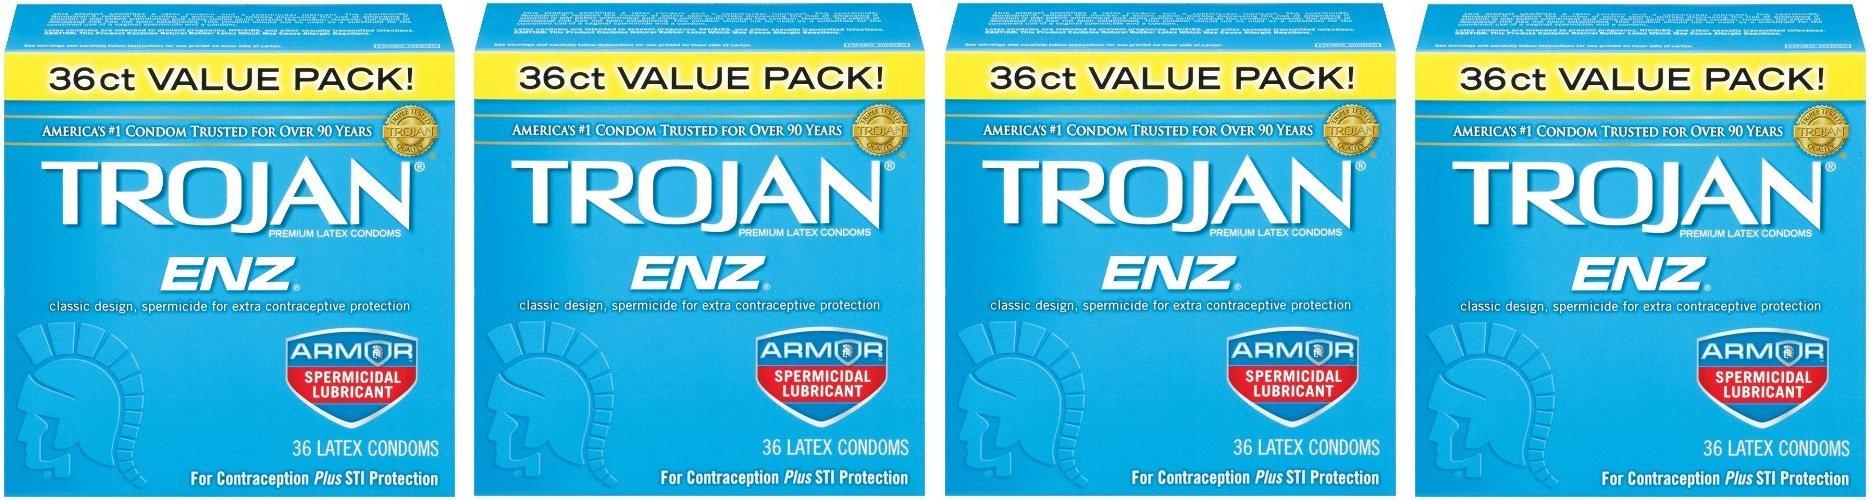 Trojan Enz Condom EBrdkF Enz Spermicidal, 36 Count (Pack of 4) by Trojan